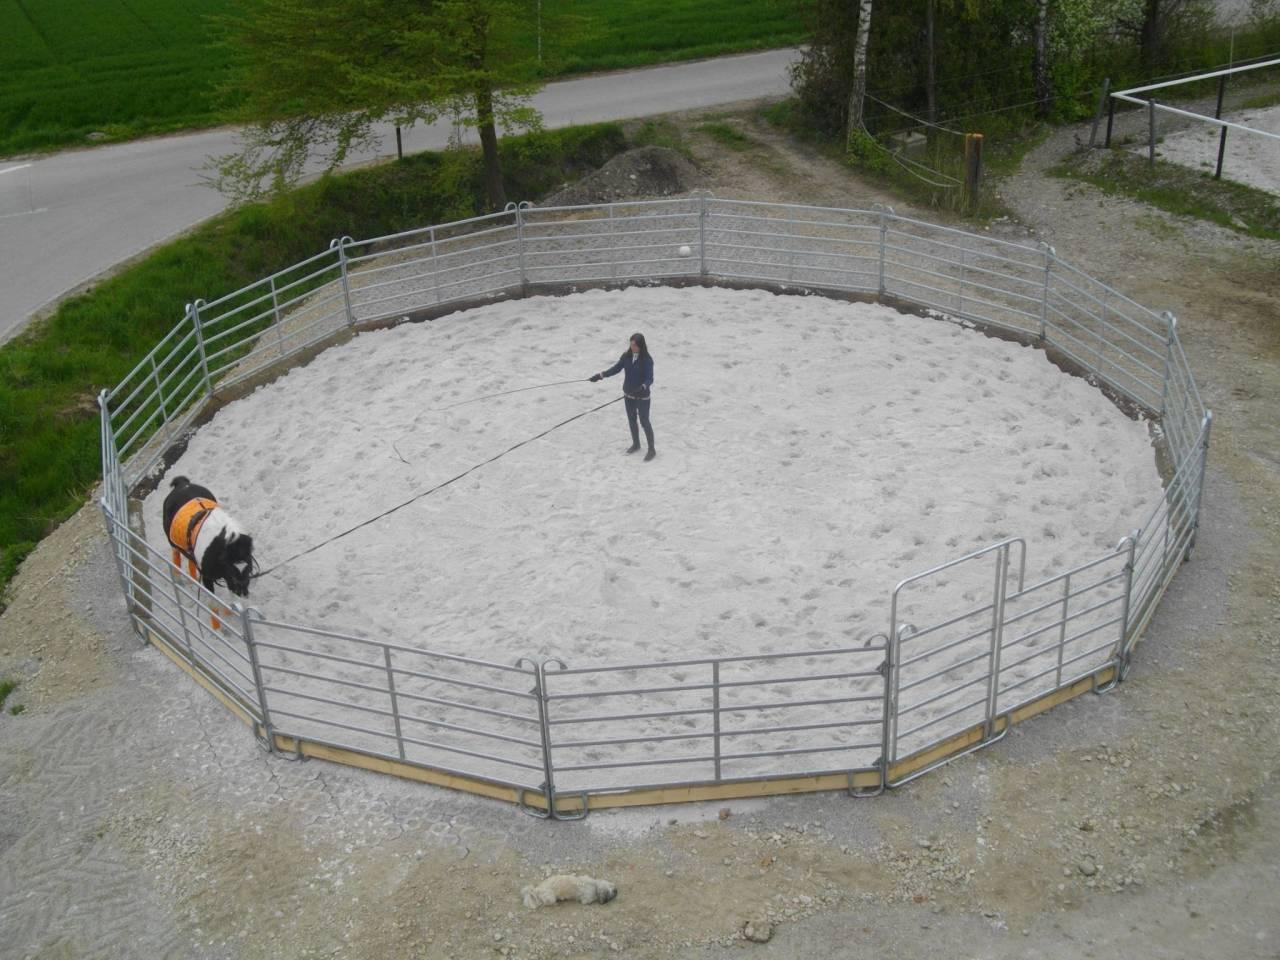 Roundpen Reiterhof Preintner (14m)